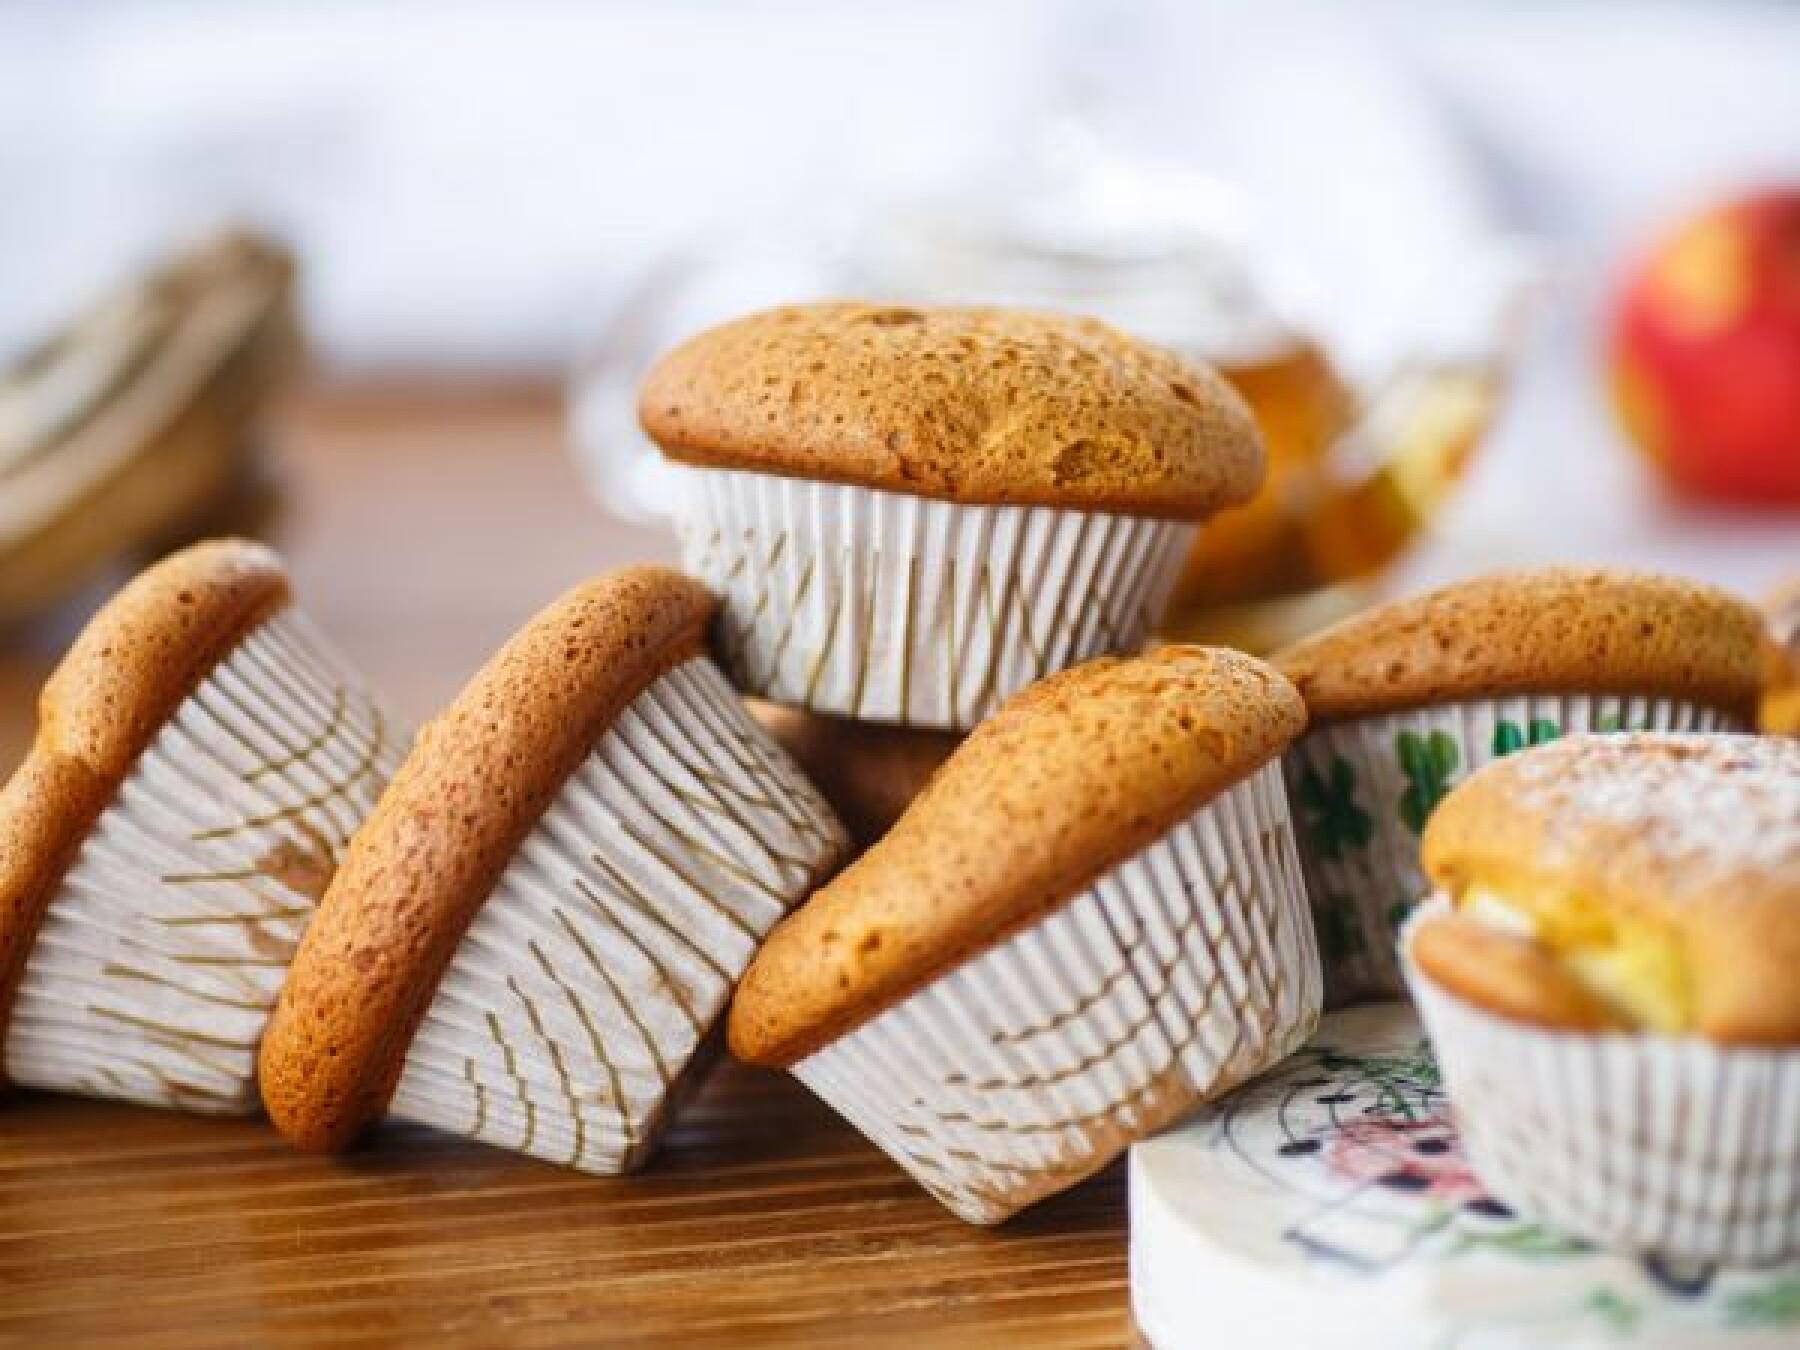 Recette : Muffins crumble aux pommes